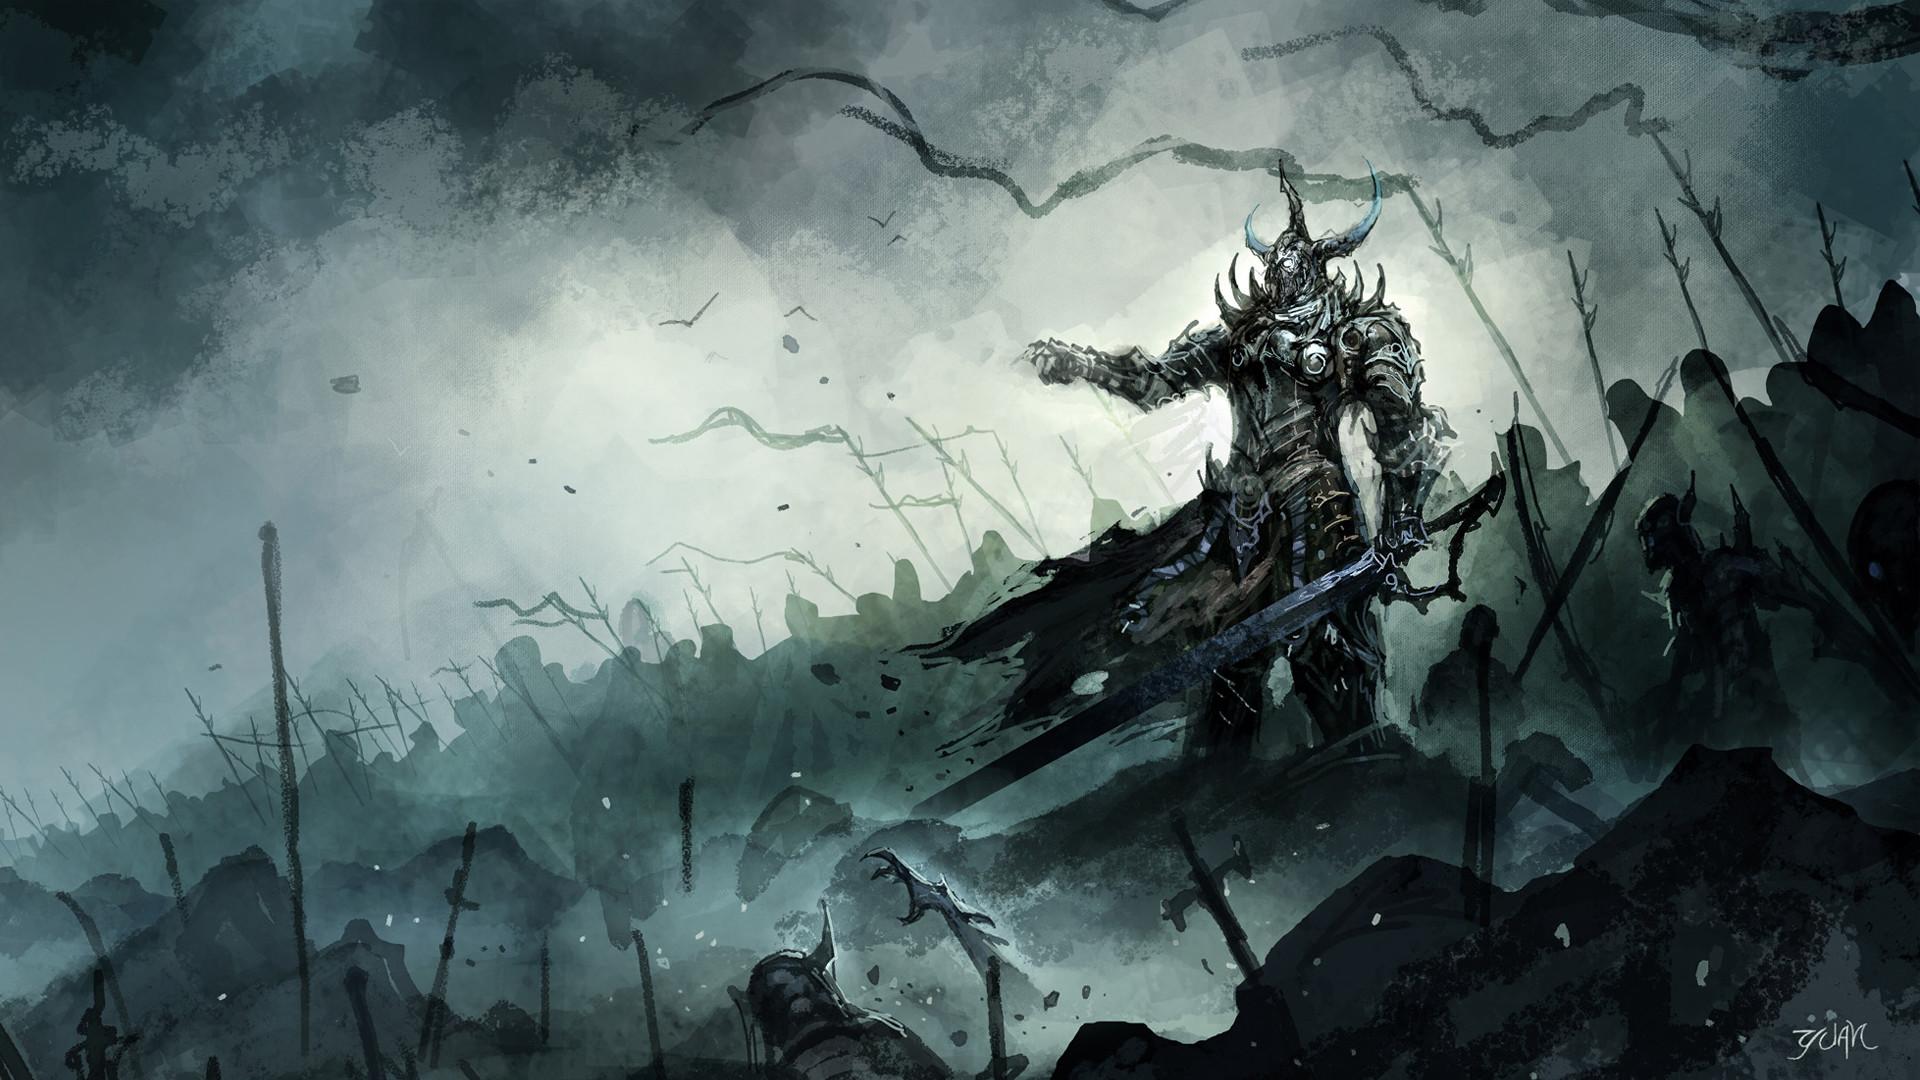 Armor Artwork Battles Fantasy Art Horde Horns Swords Warriors Weapons